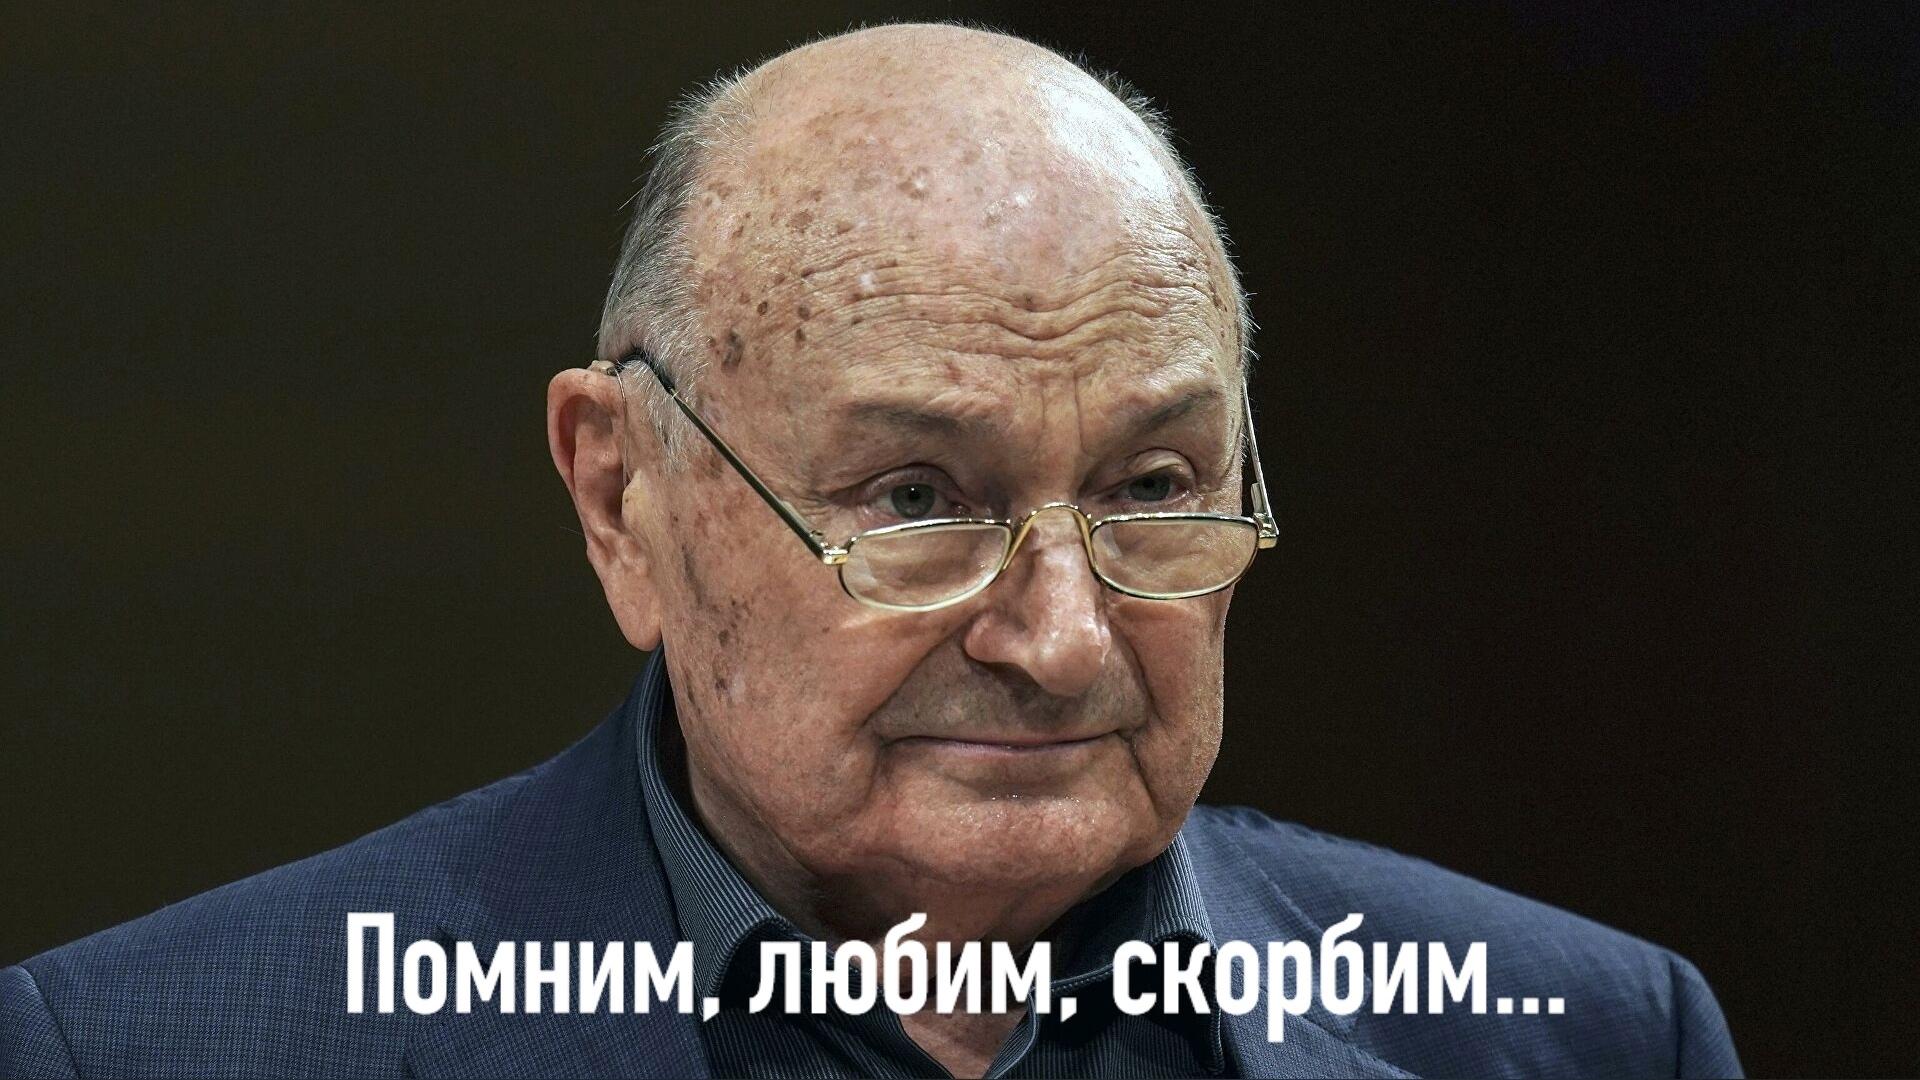 На 87-м году жизни скончался писатель-сатирик Михаил Жванецкий.